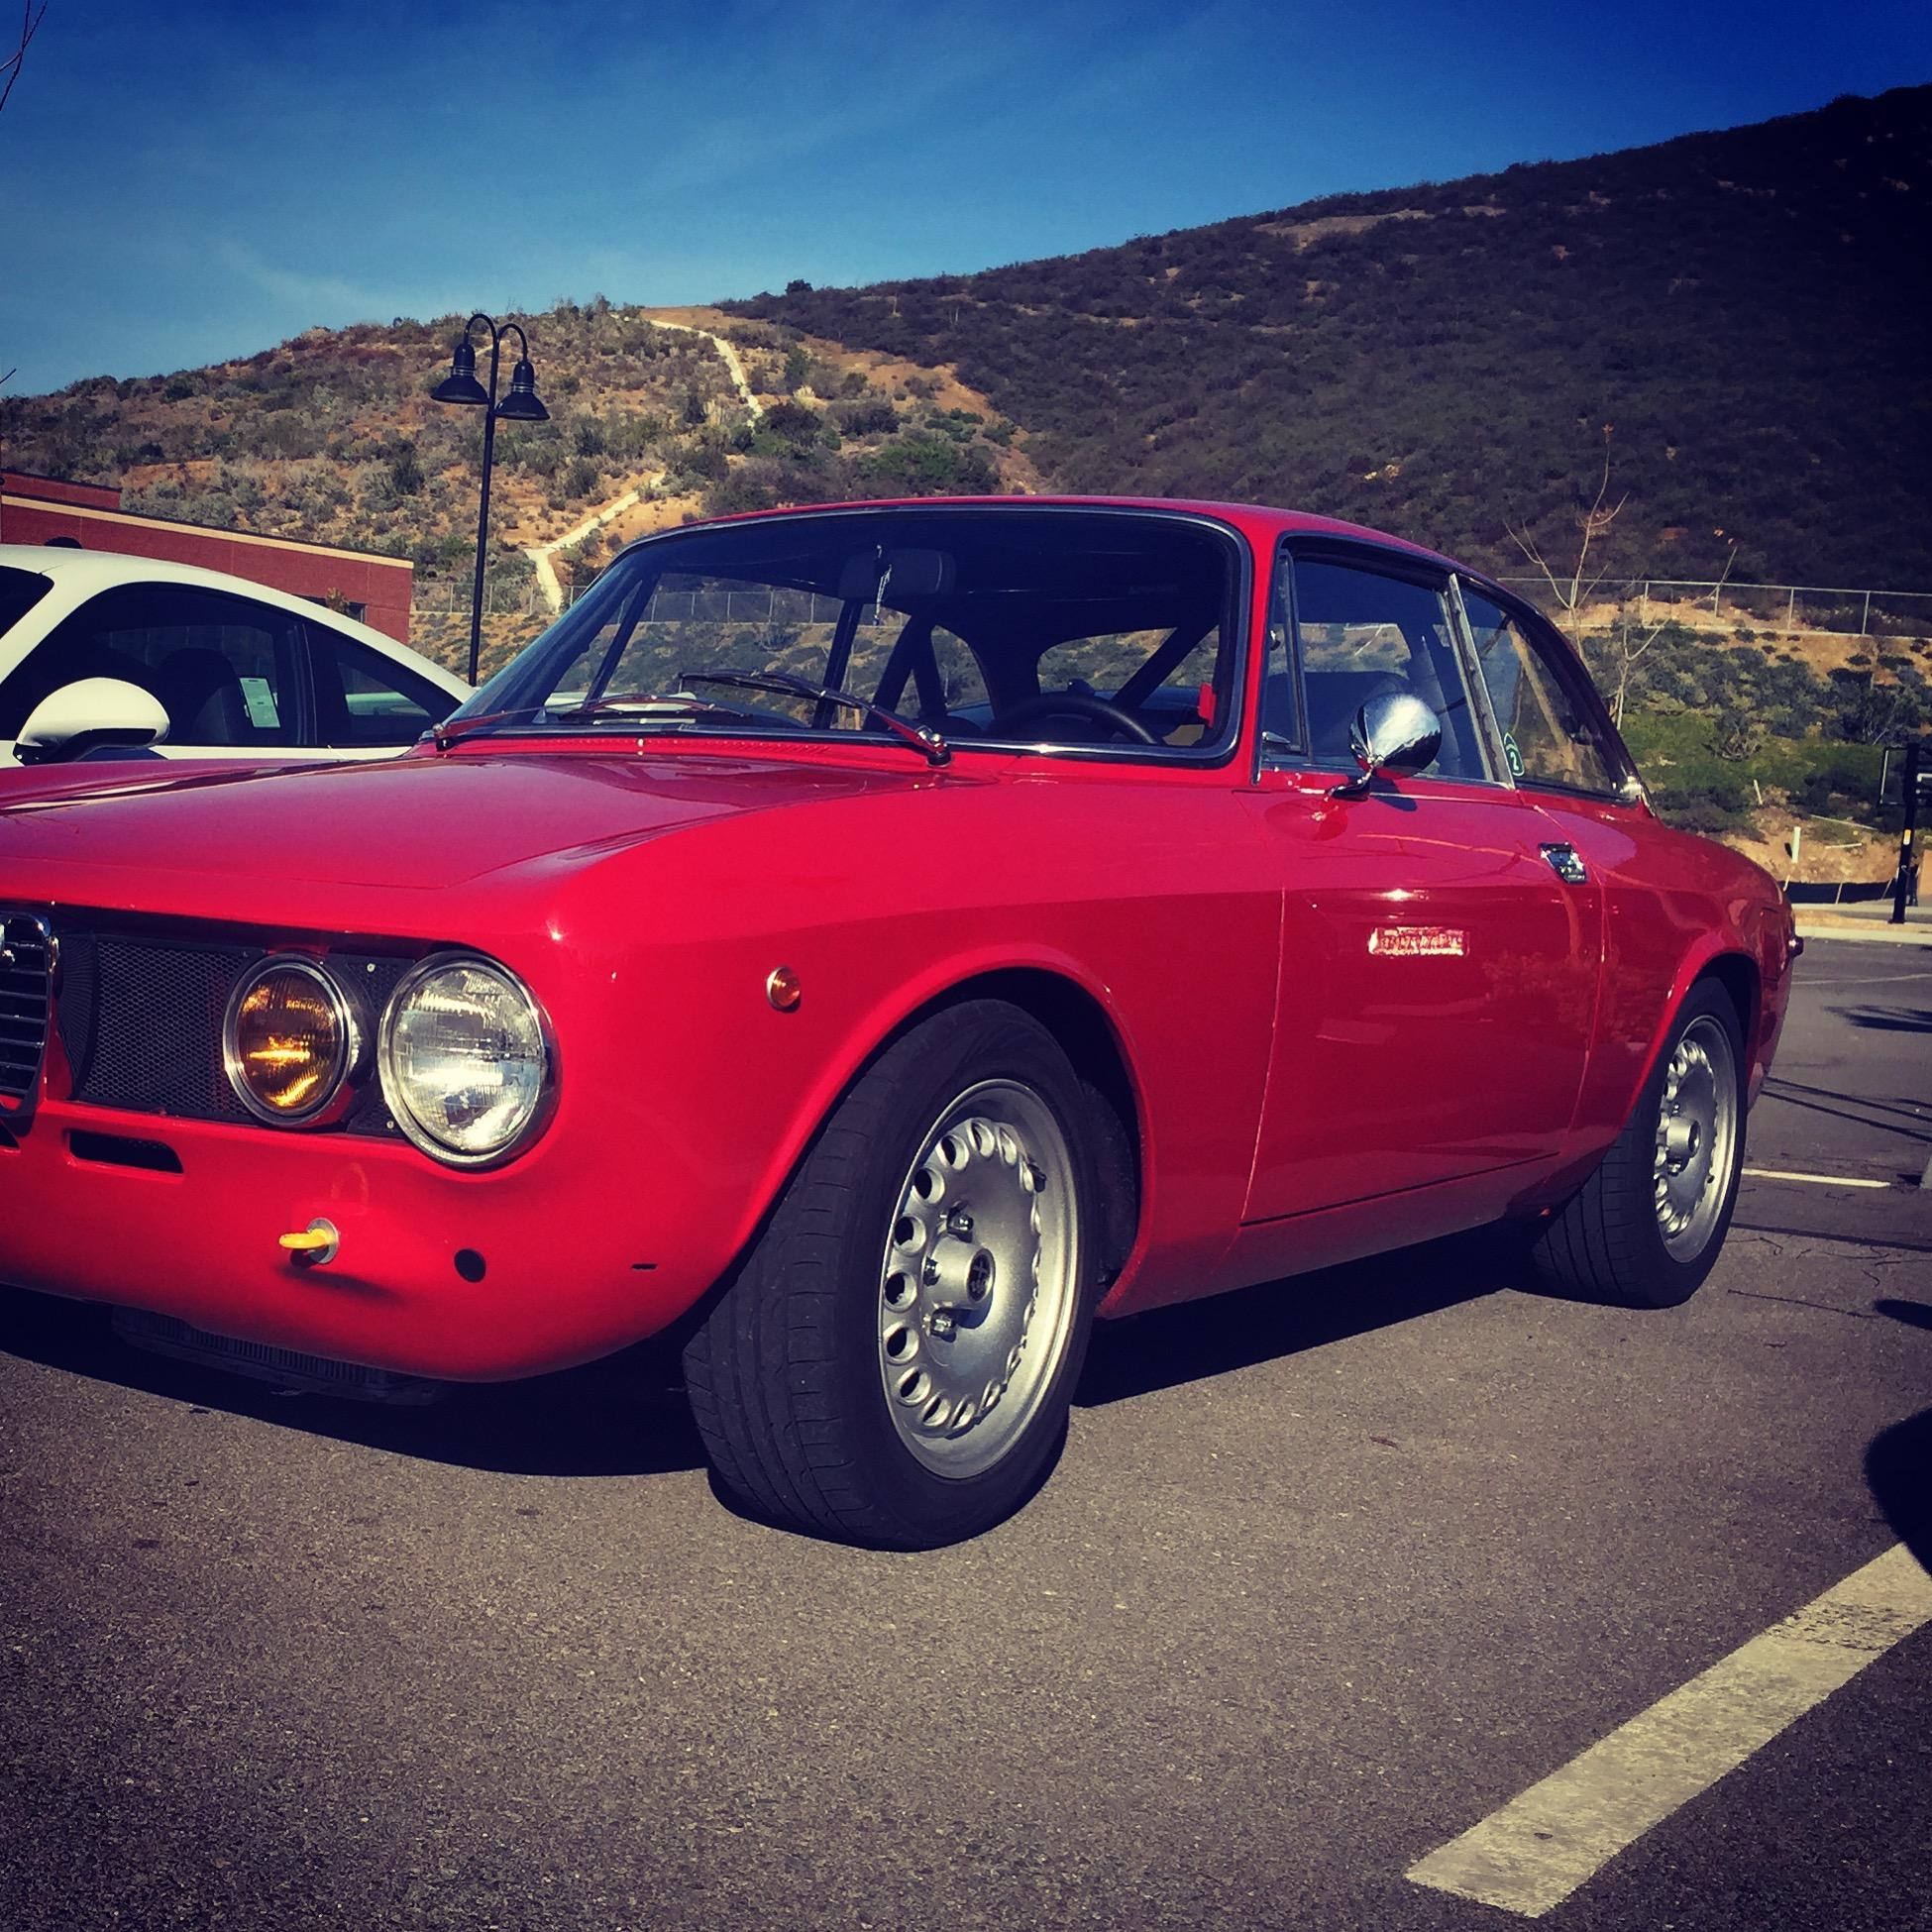 GTV, my favorite car.